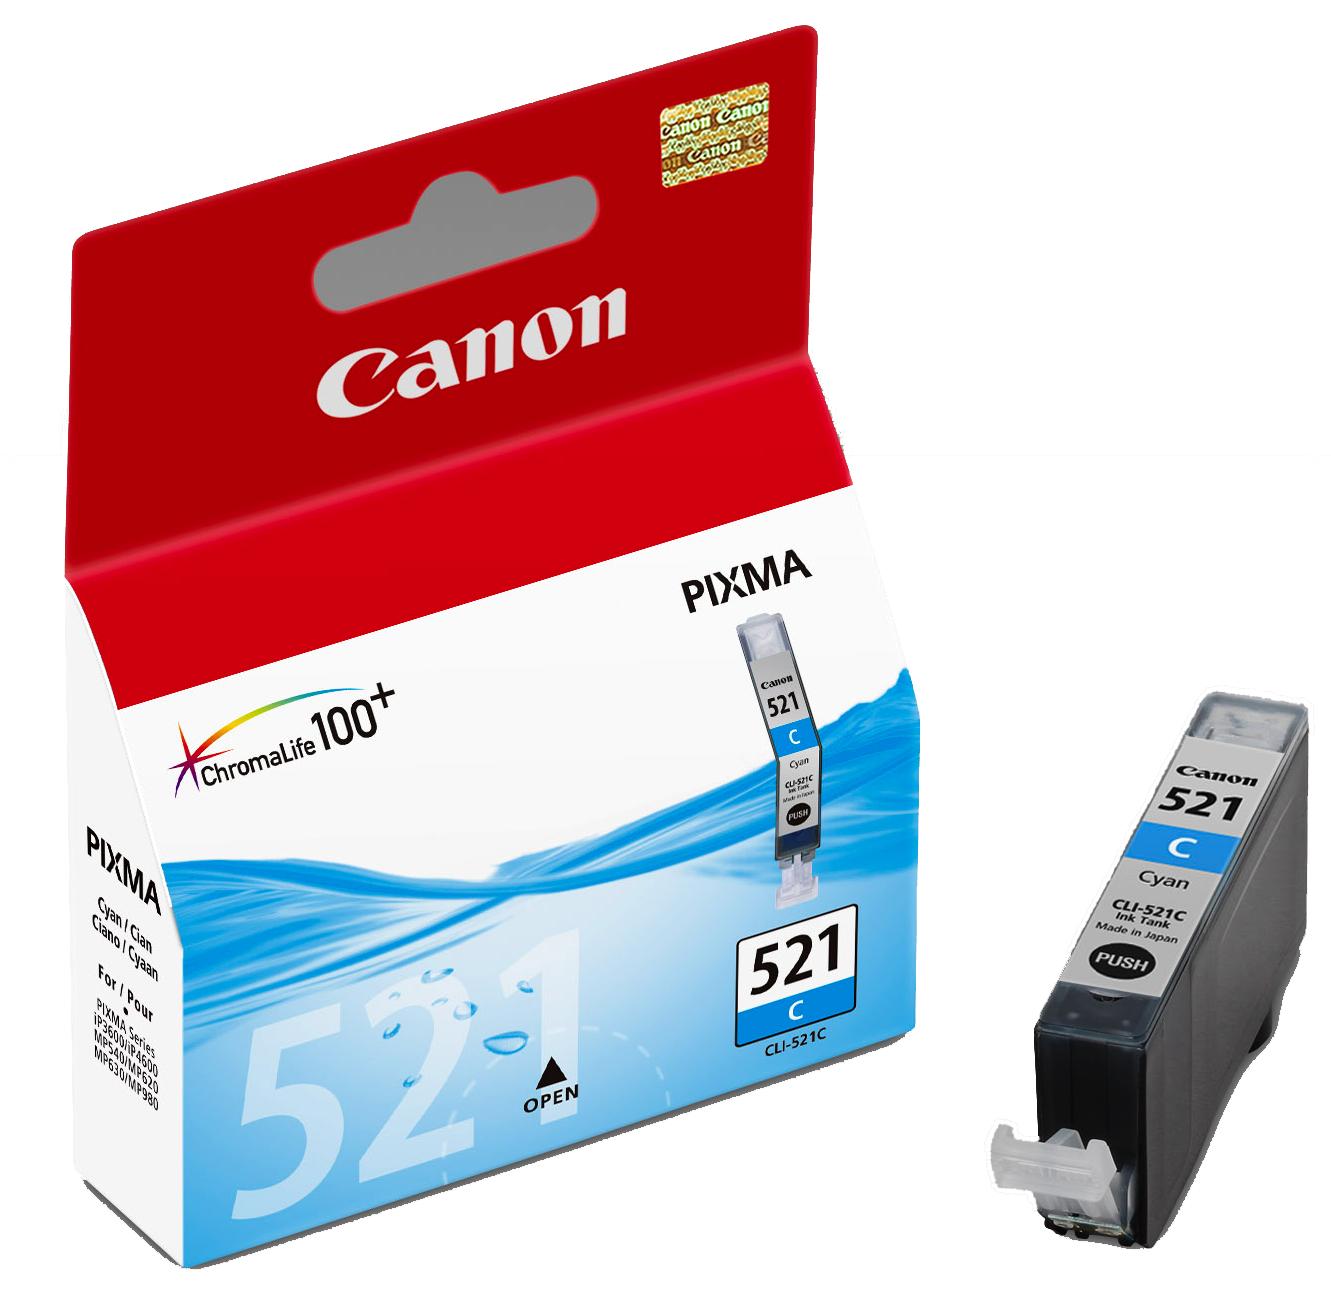 Canon PIXMA G4200  Refillable Ink Tank Printer